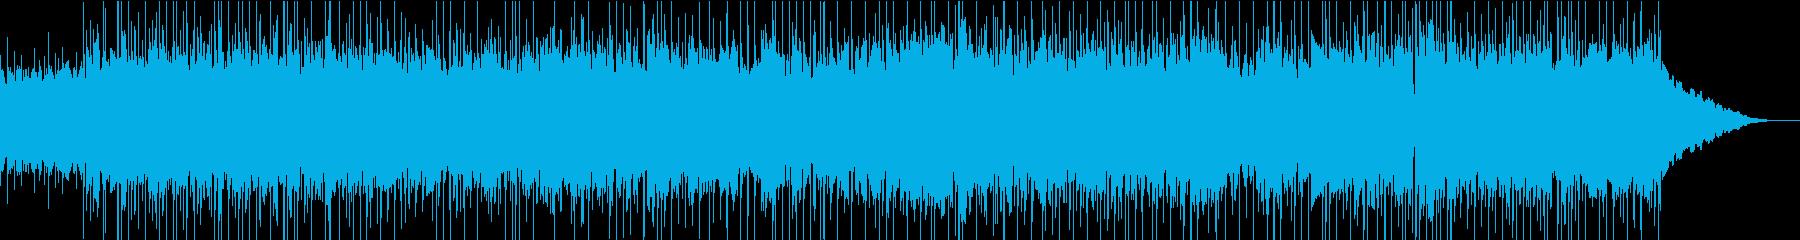 渋谷系ポップ/青春ネオアコースティックの再生済みの波形